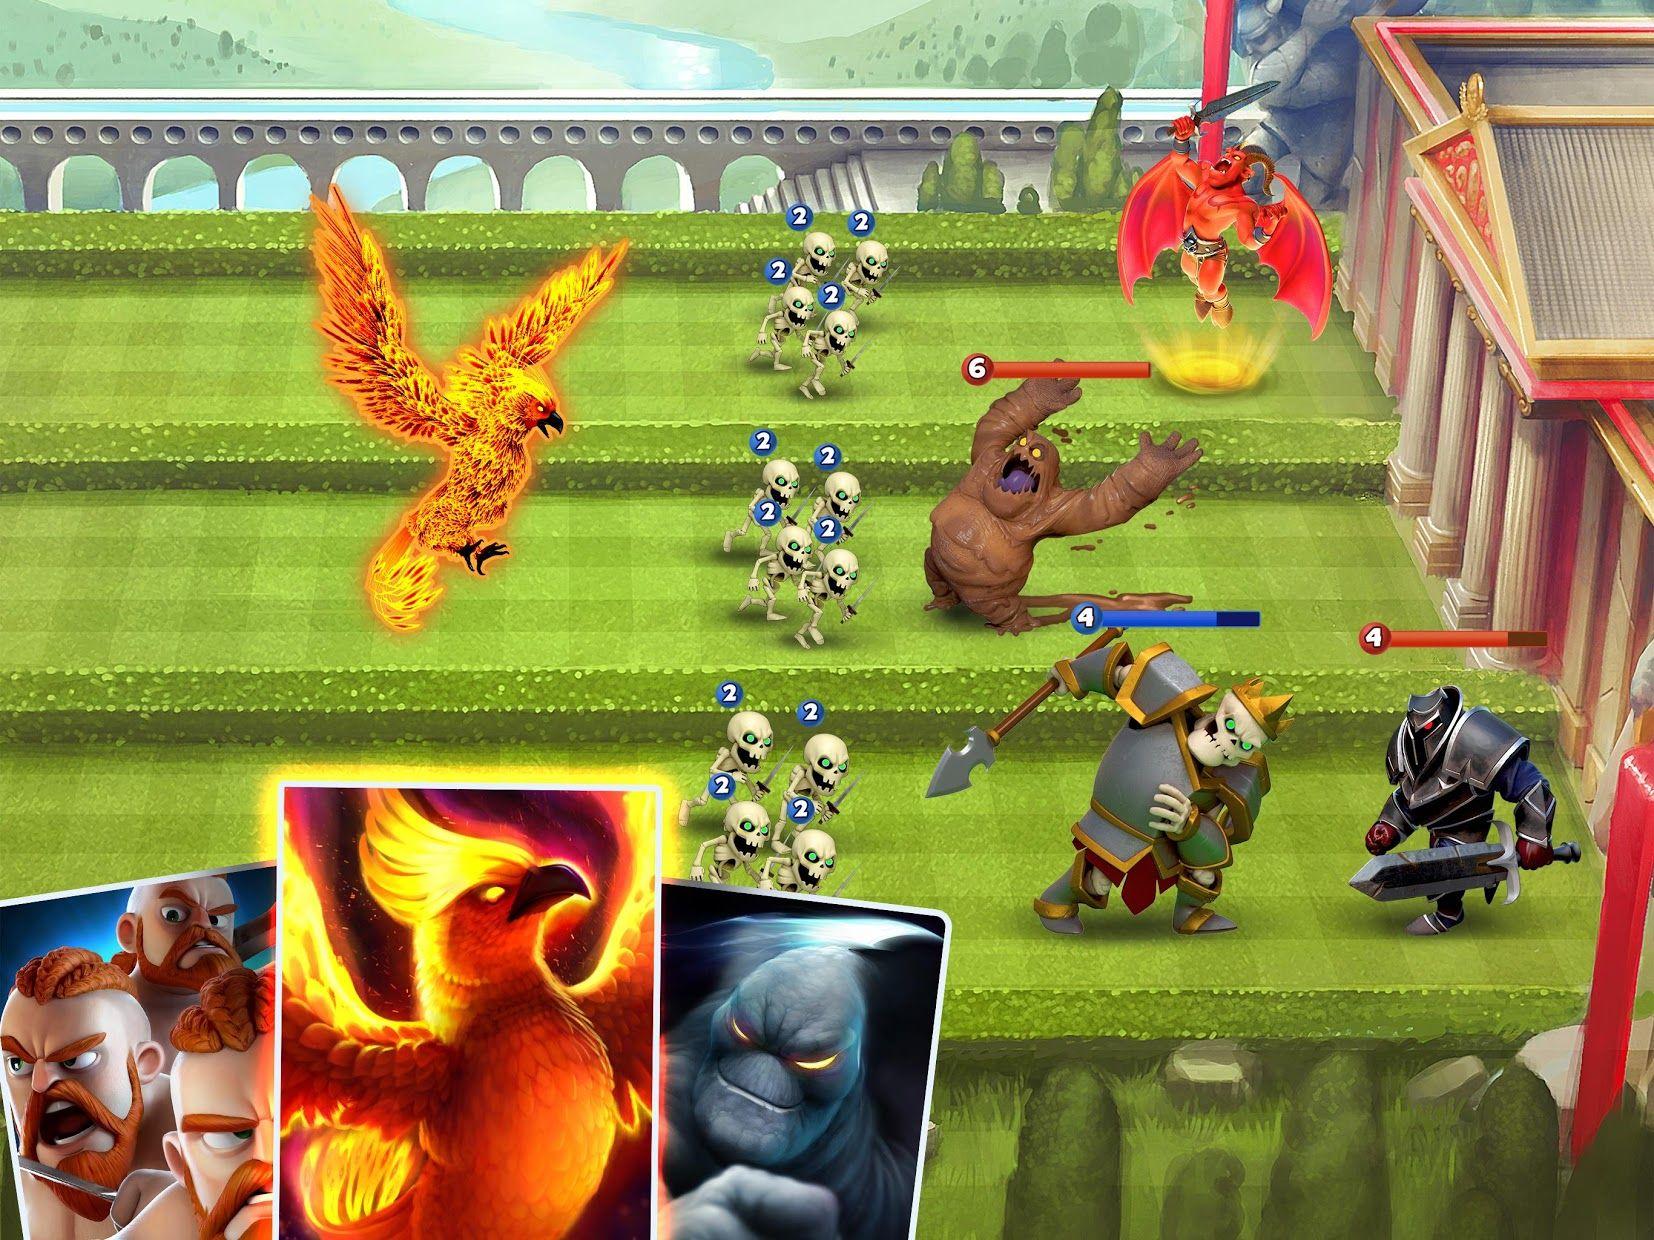 城堡粉碎战 - 最佳卡牌游戏 (Castle Crush) - 免费 游戏截图3